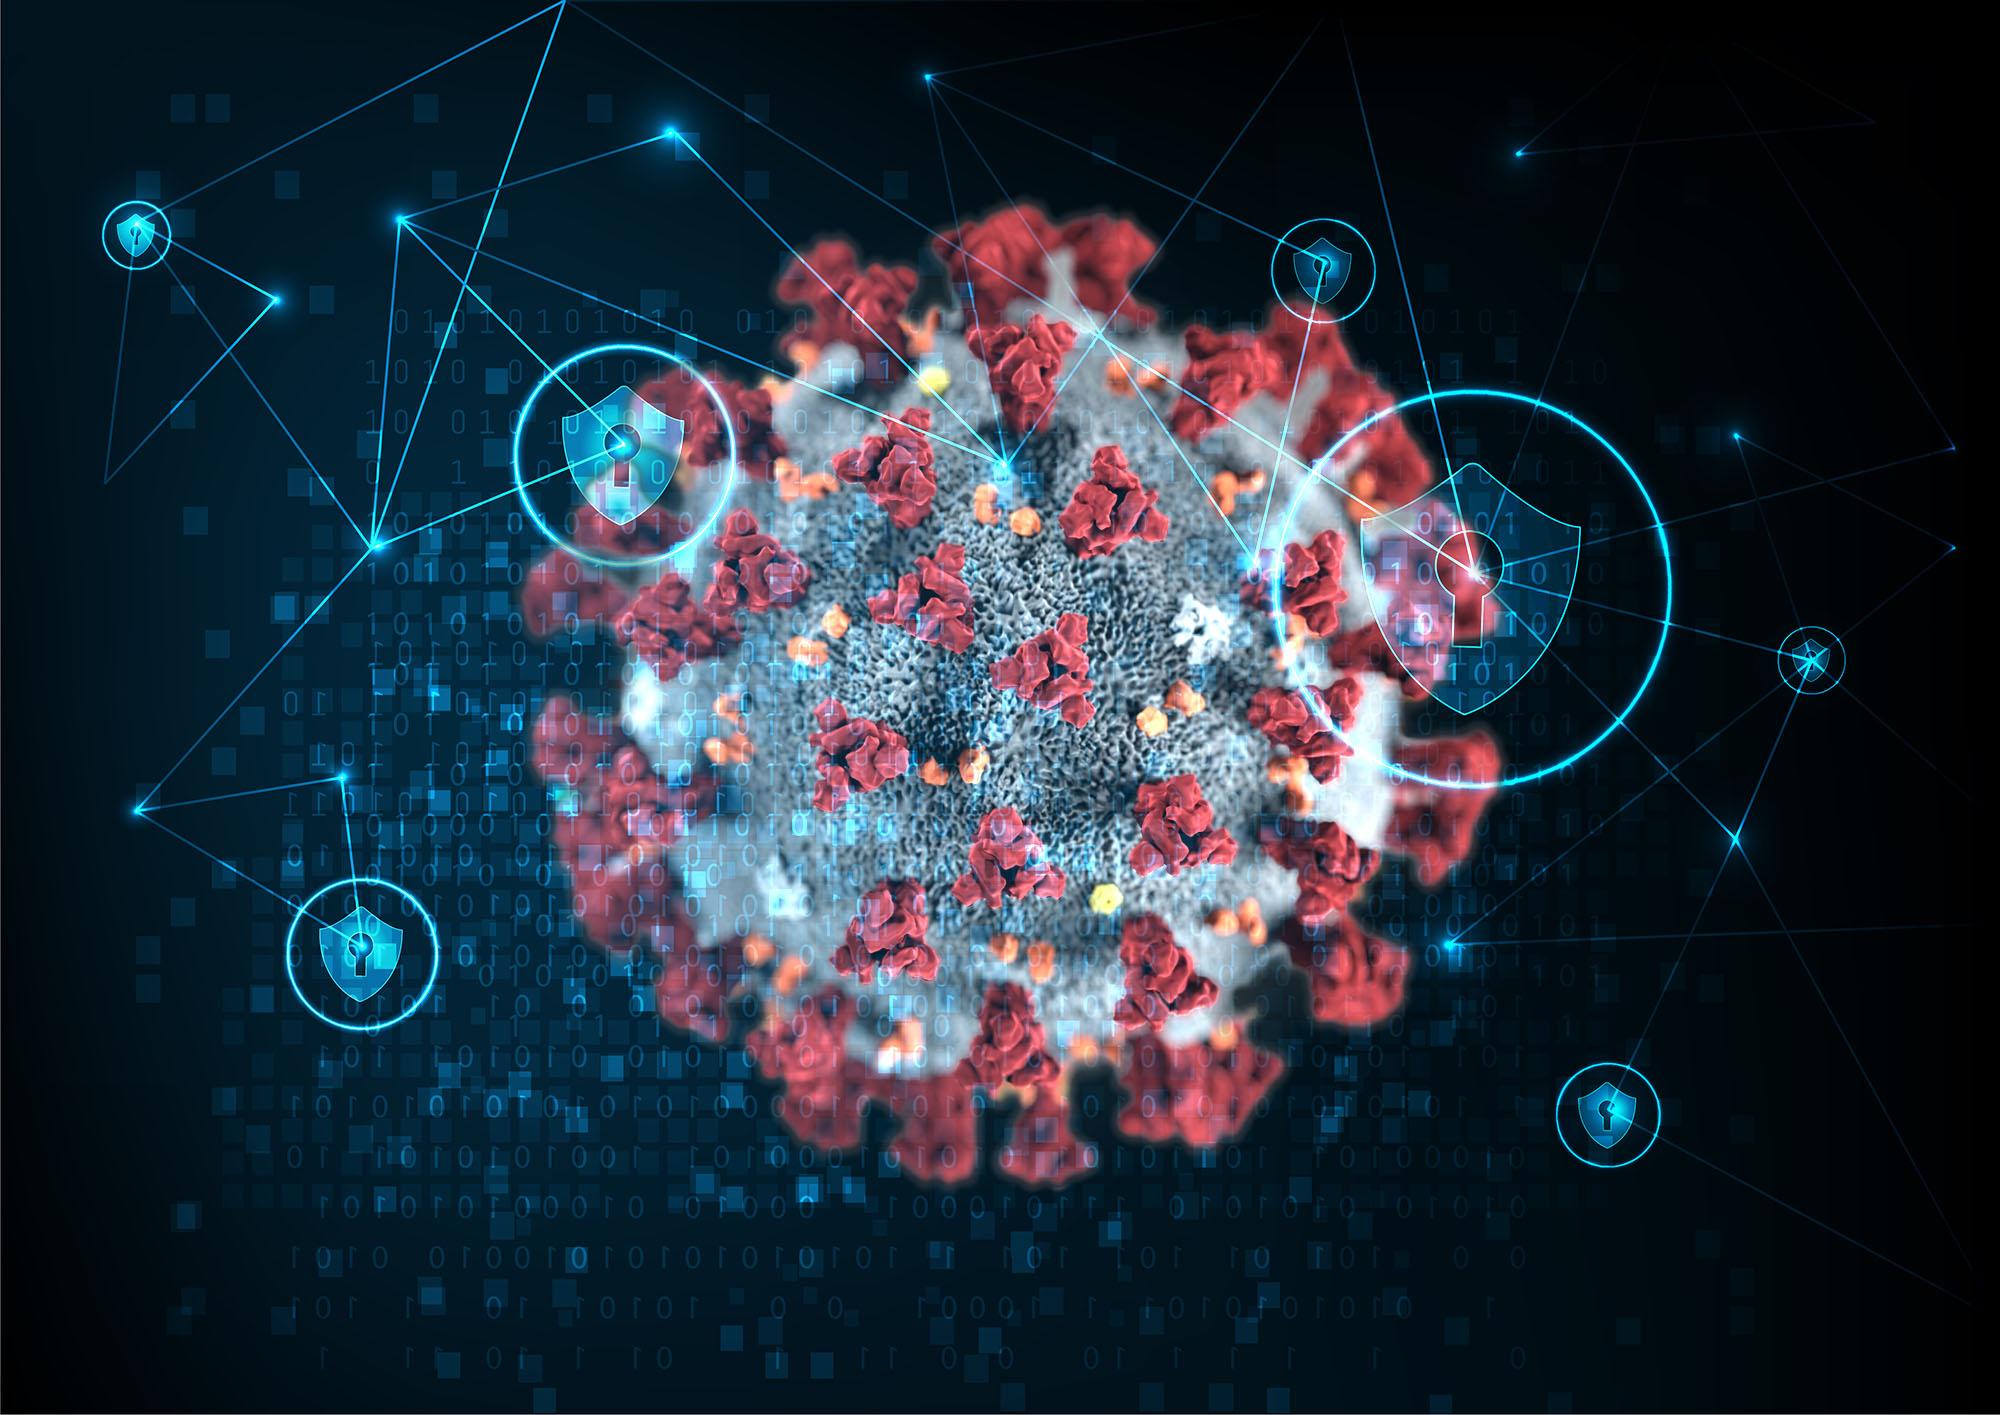 coronavirus network security